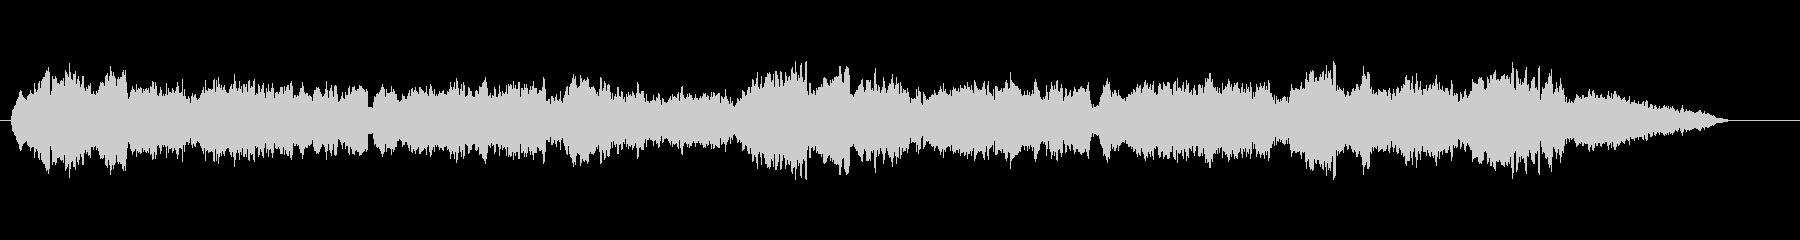 静かなオーボエの未再生の波形